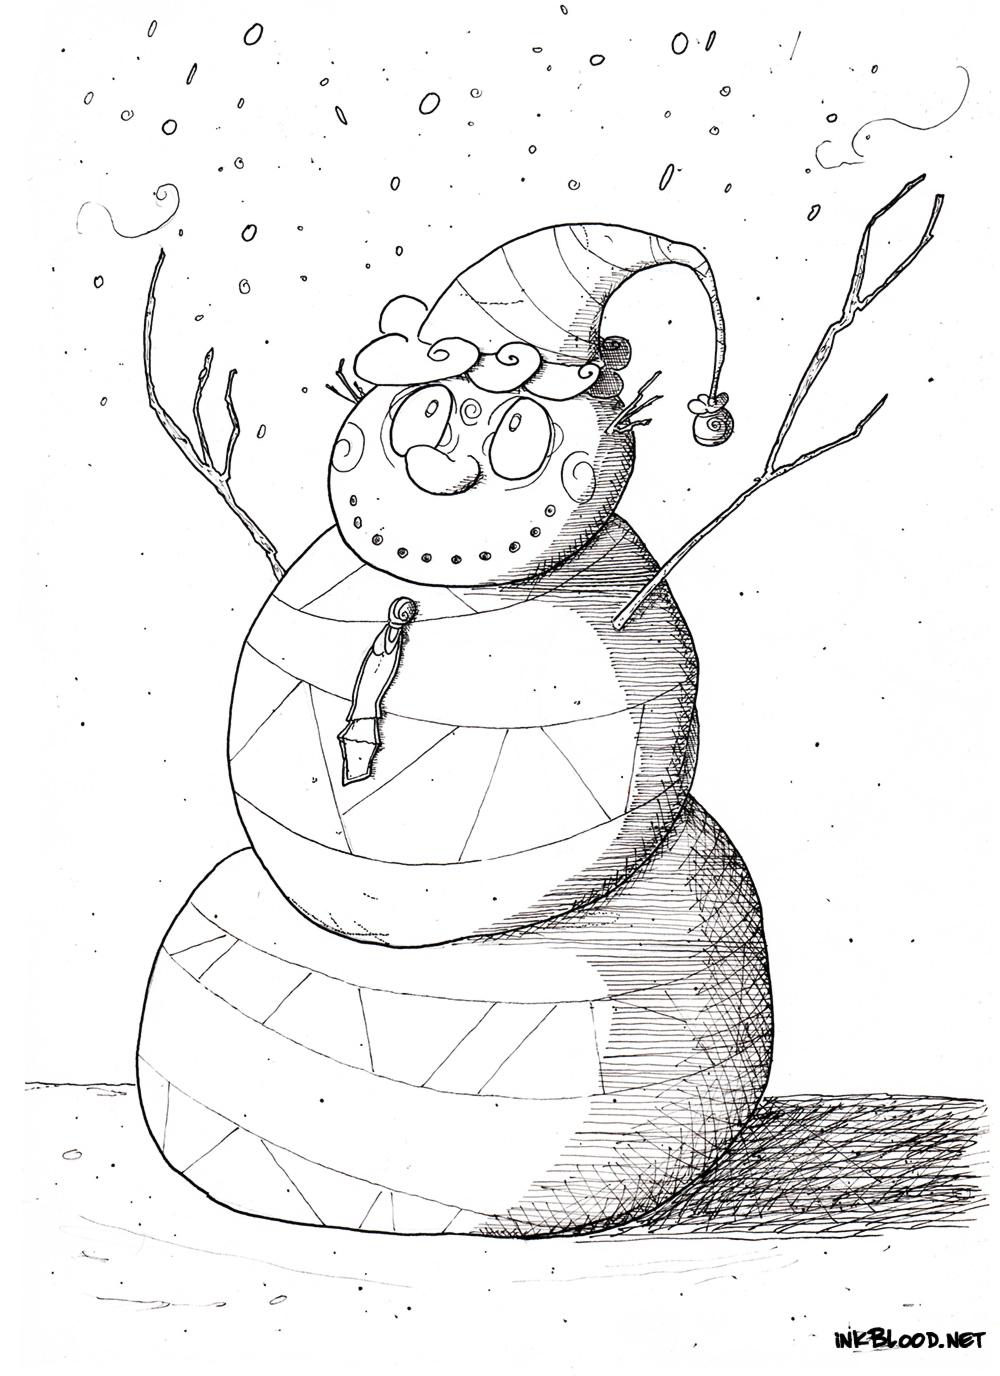 11-Dessin-de-Noël-à-colorier-bonhomme-de-neige